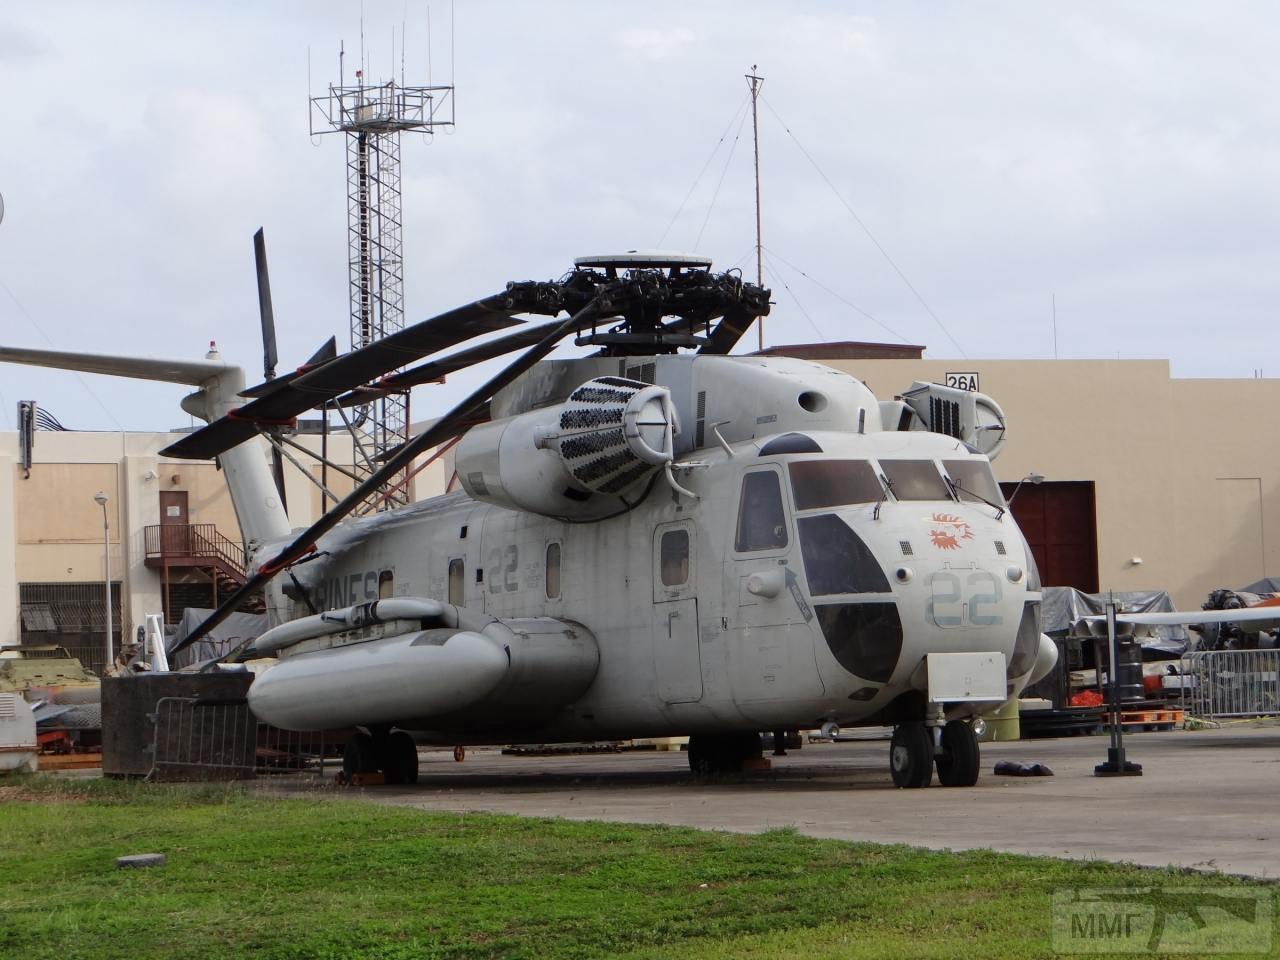 31989 - Тихоокеанский музей авиации «Пёрл-Харбор», Гонолулу